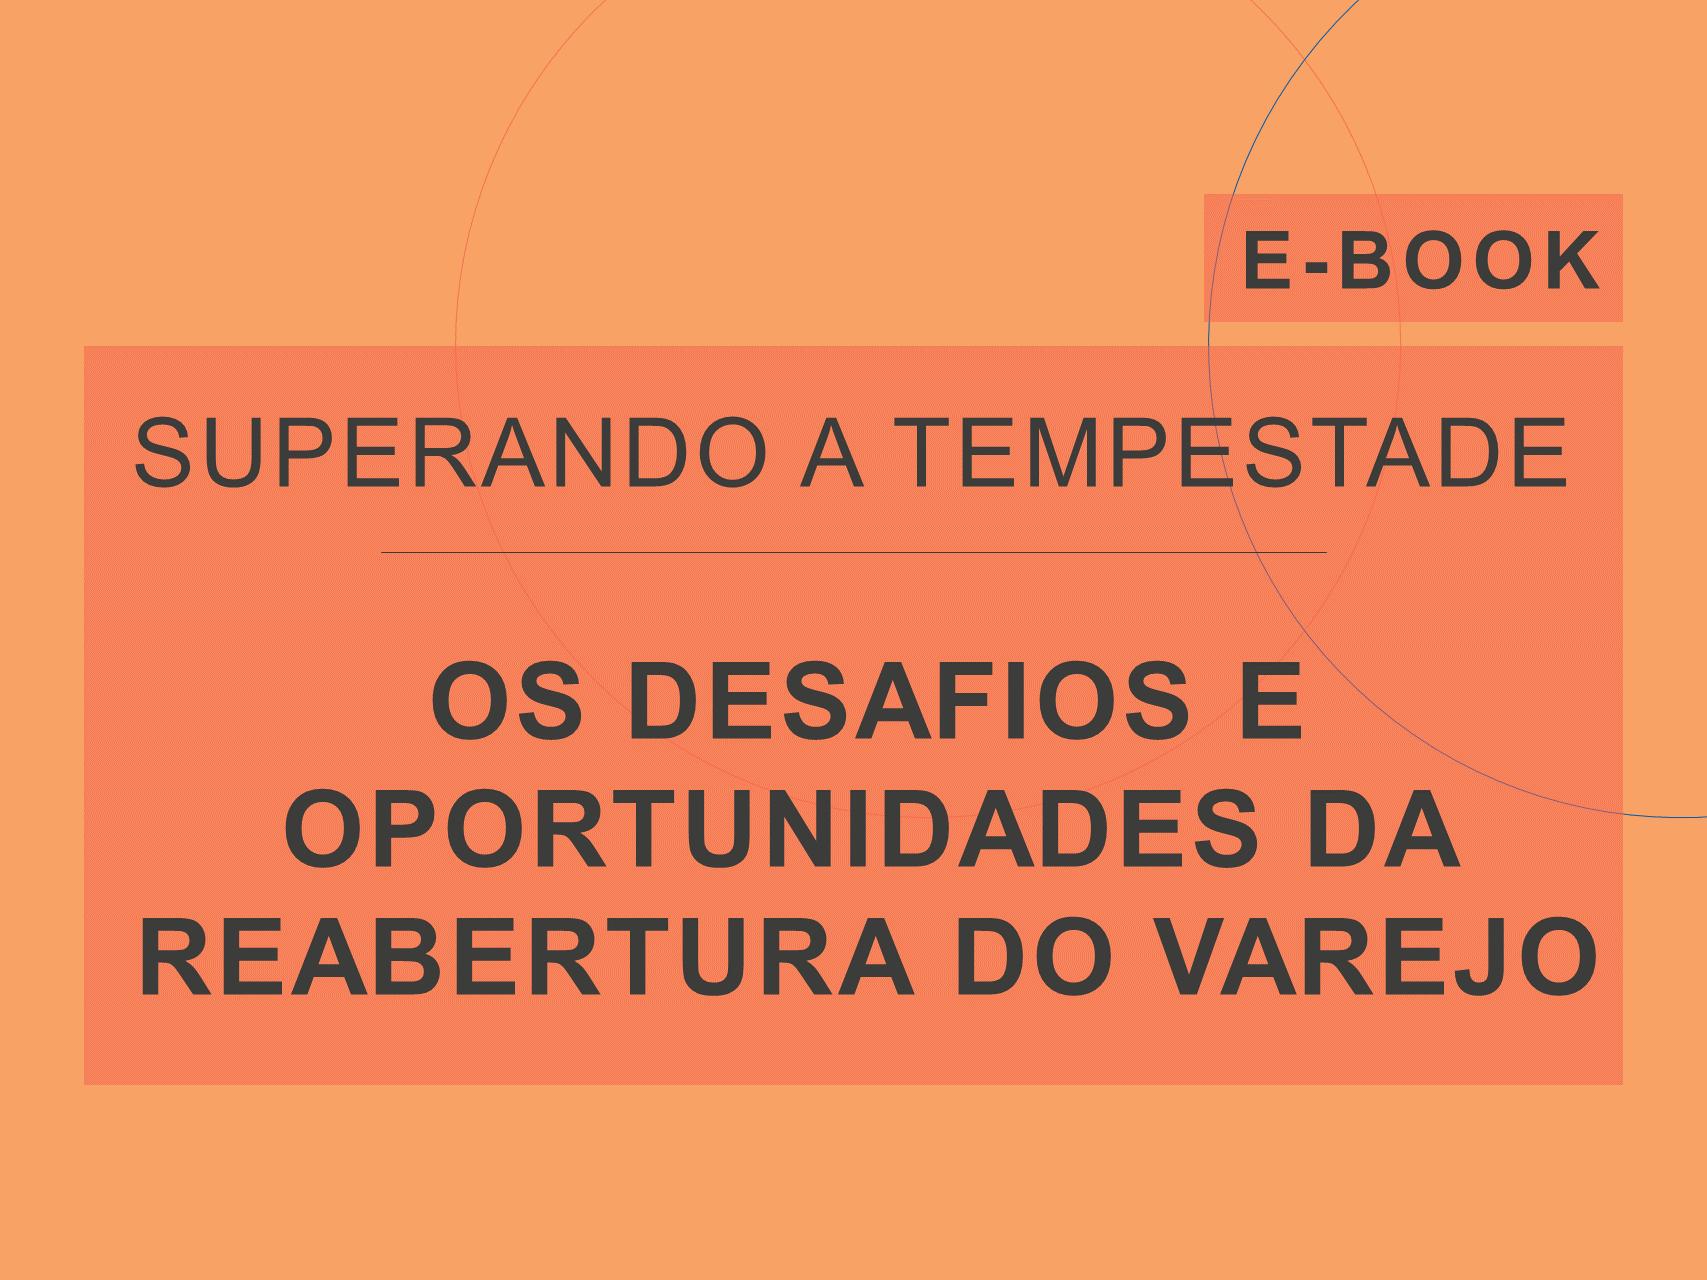 Capa do e-Book da série 'Superando a Tempestade', da Cosin Consulting, sobre 'Os Desafios e Oportunidades da Reabertura do Varejo'